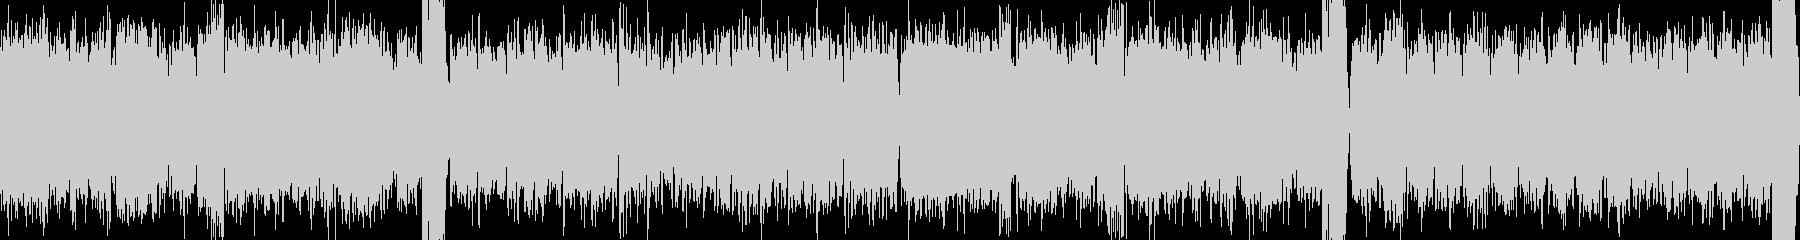 【ループ】不気味で美しいホラーBGMの未再生の波形